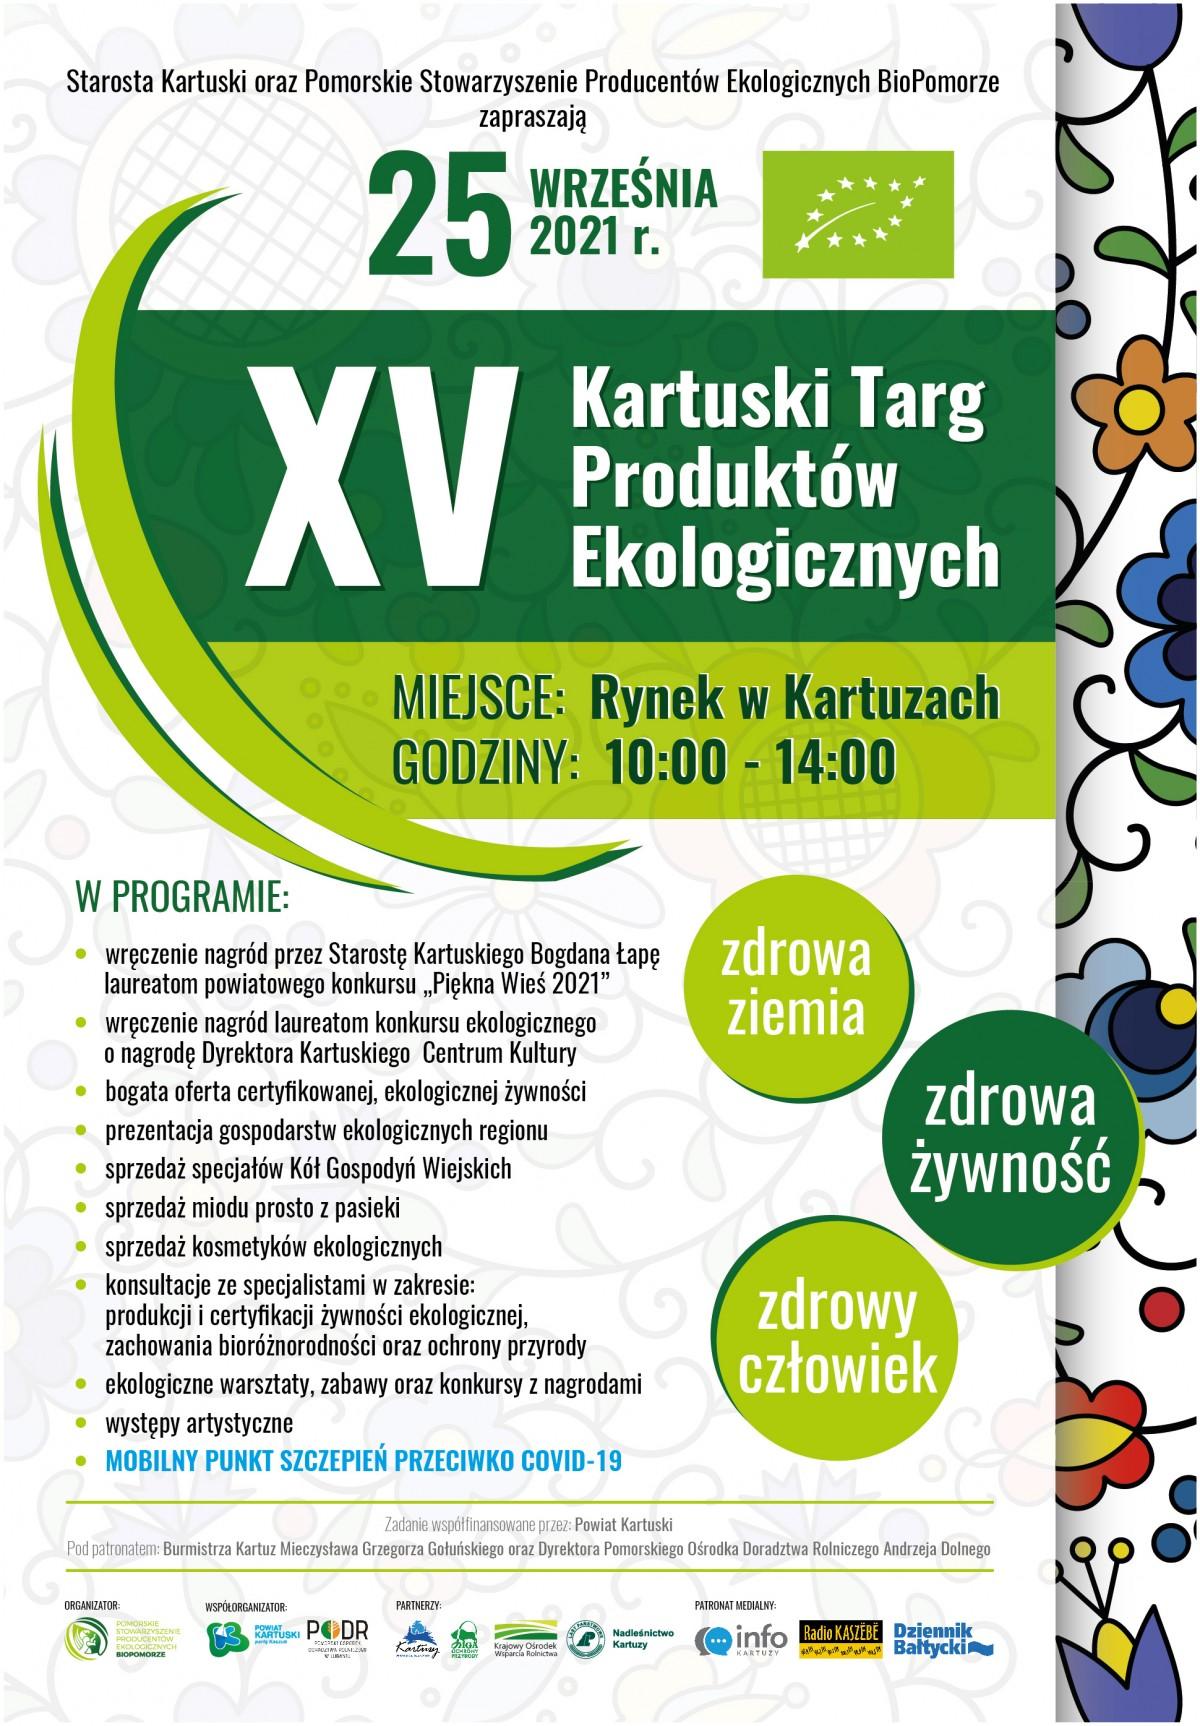 XV Kartuski Targ Produktów Ekologicznych